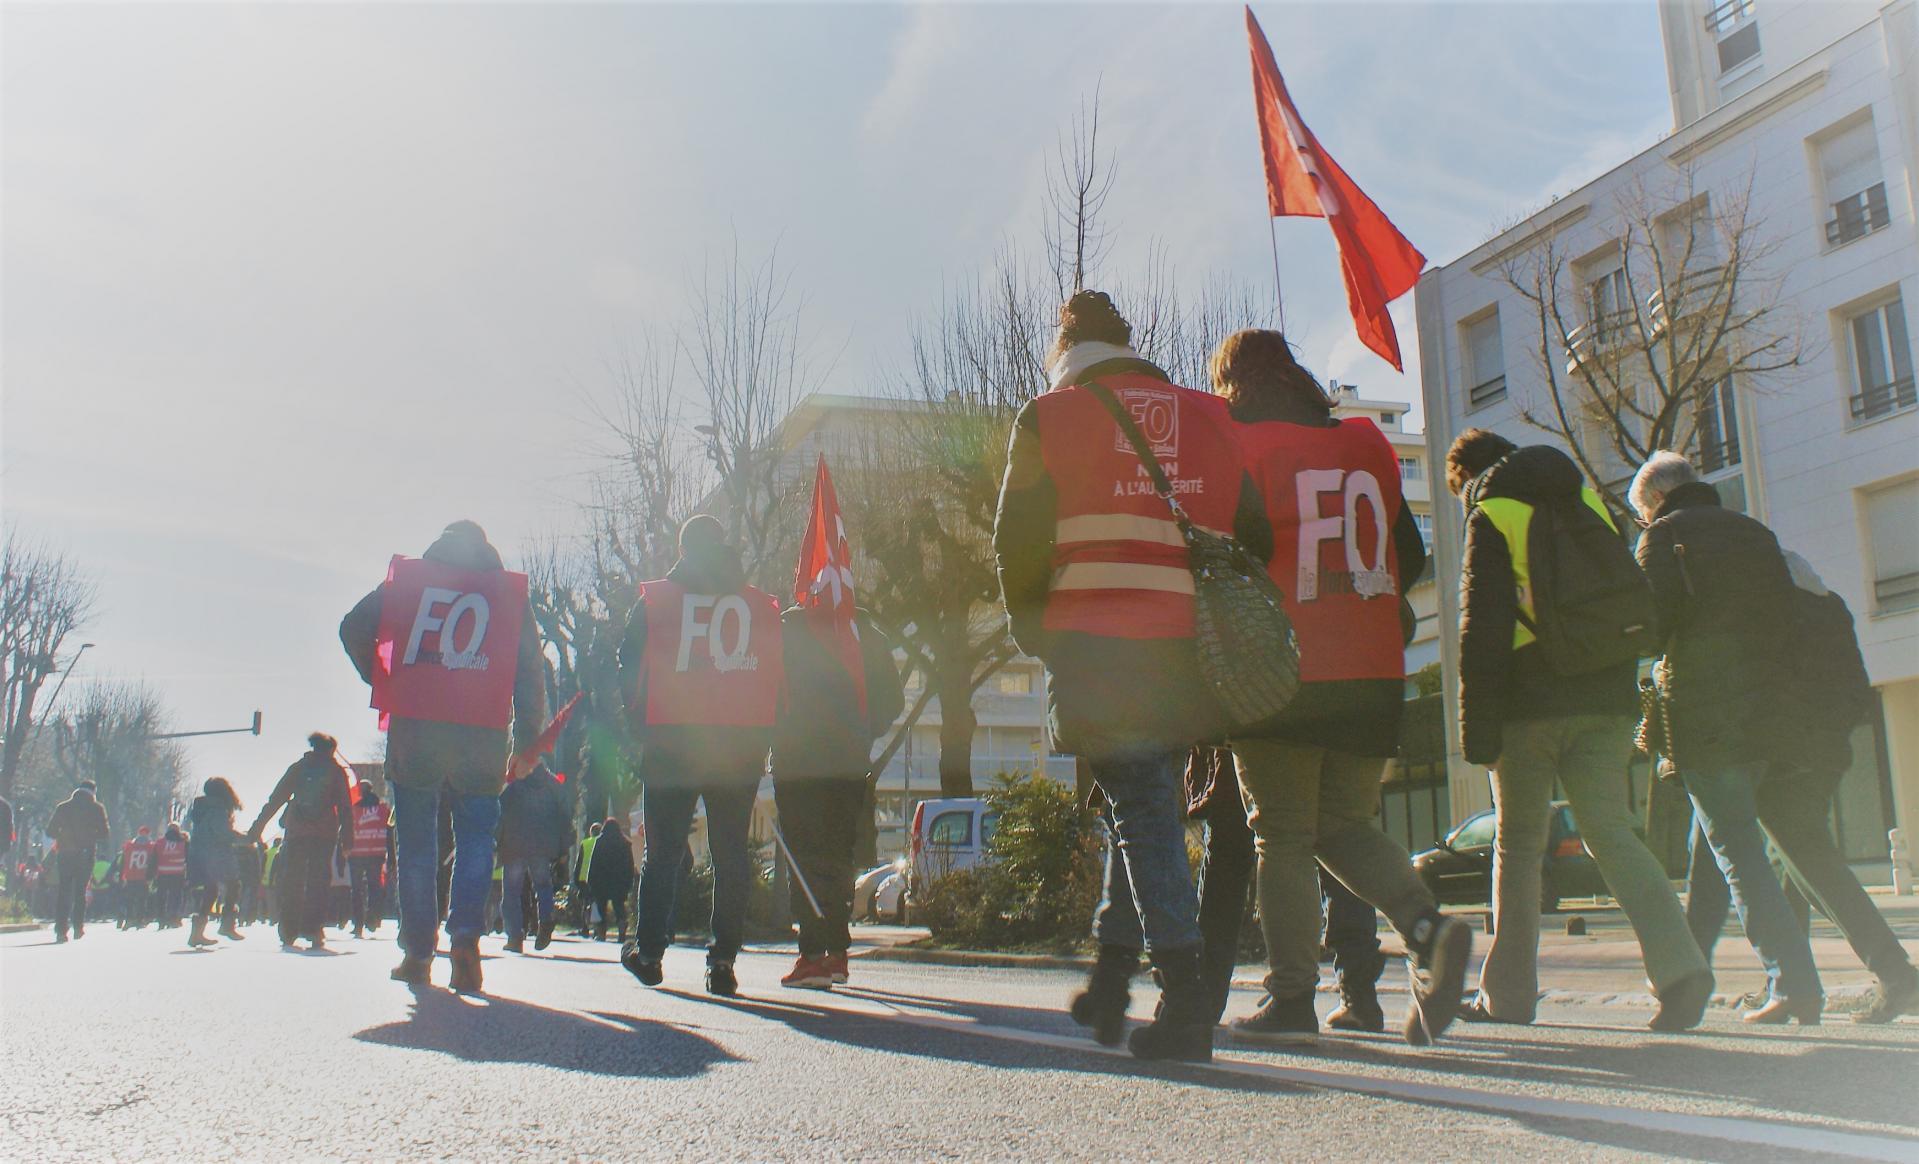 UDFO51 - Grève à Reims - 5 février 2019